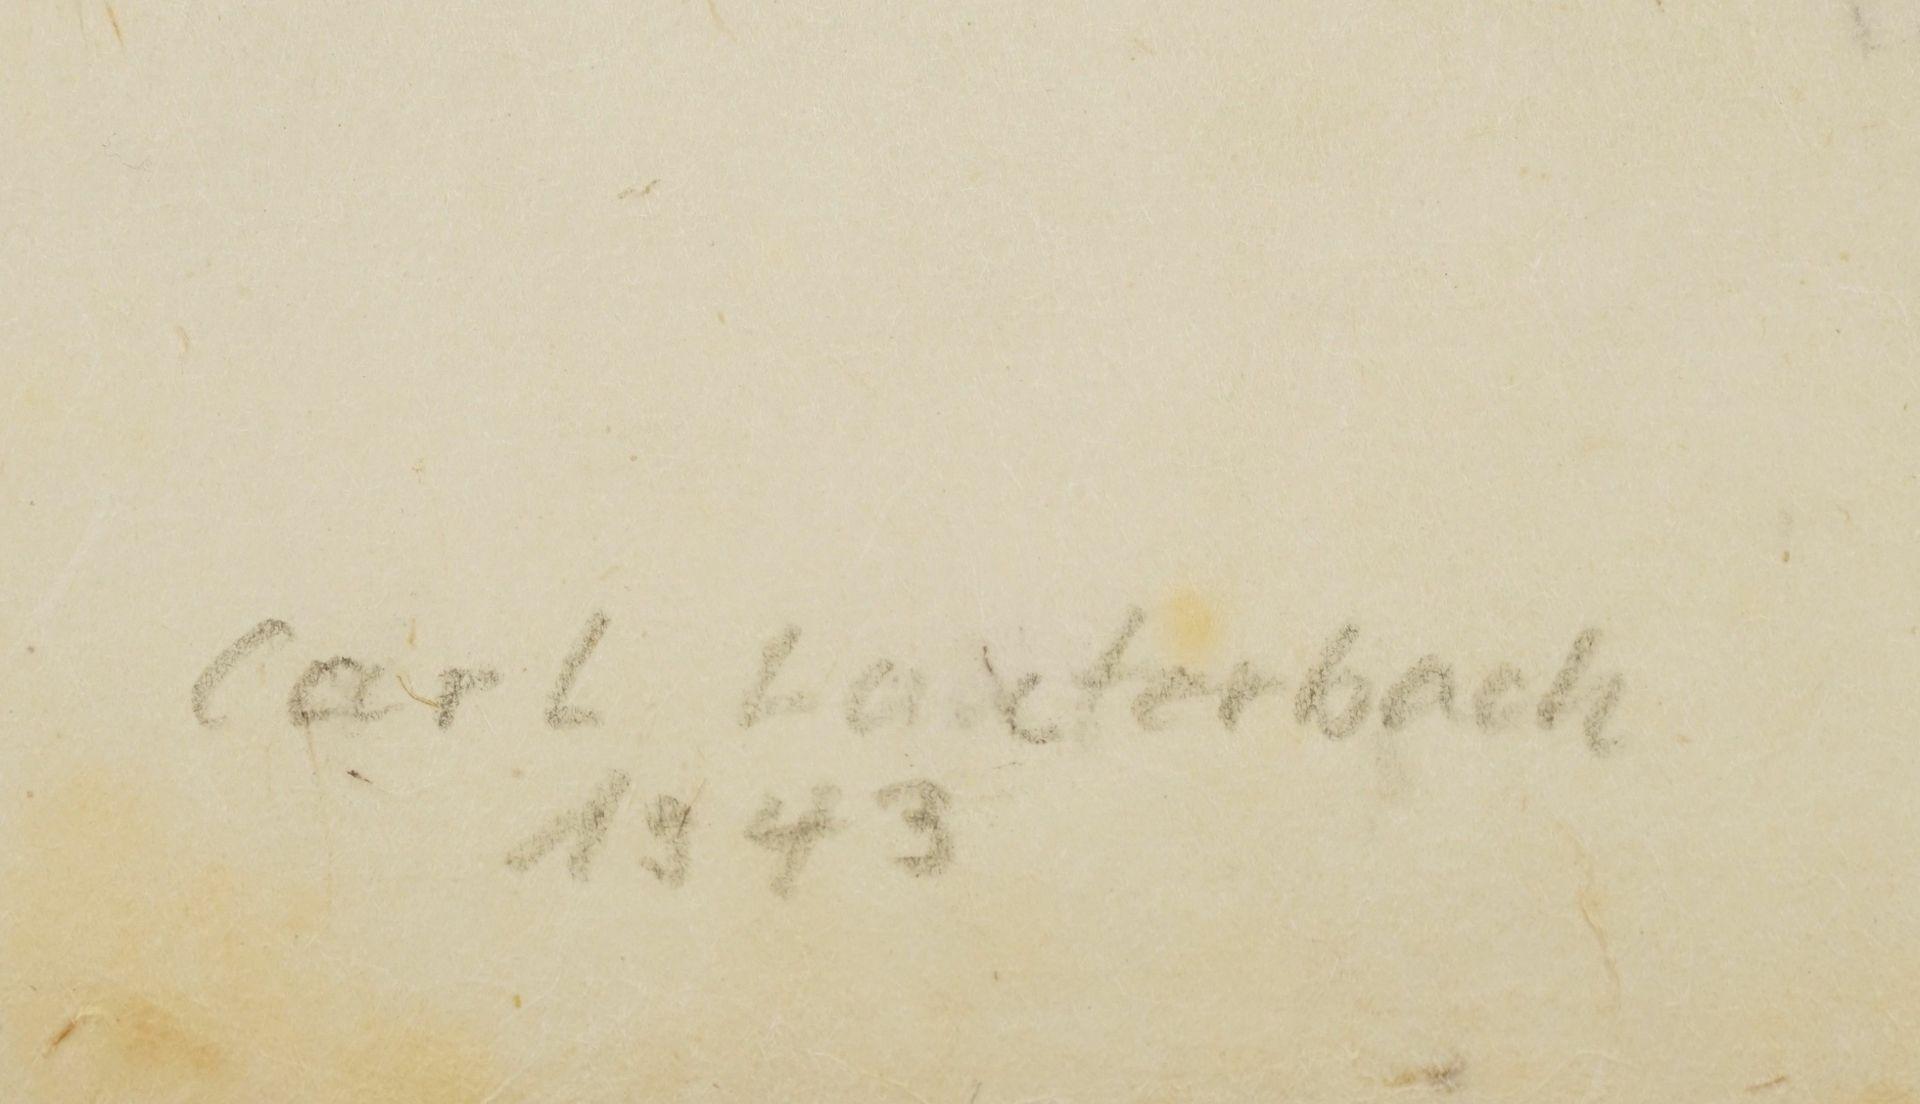 Carl Lauterbach, Junge Dame mit großem Kragen - Bild 4 aus 4